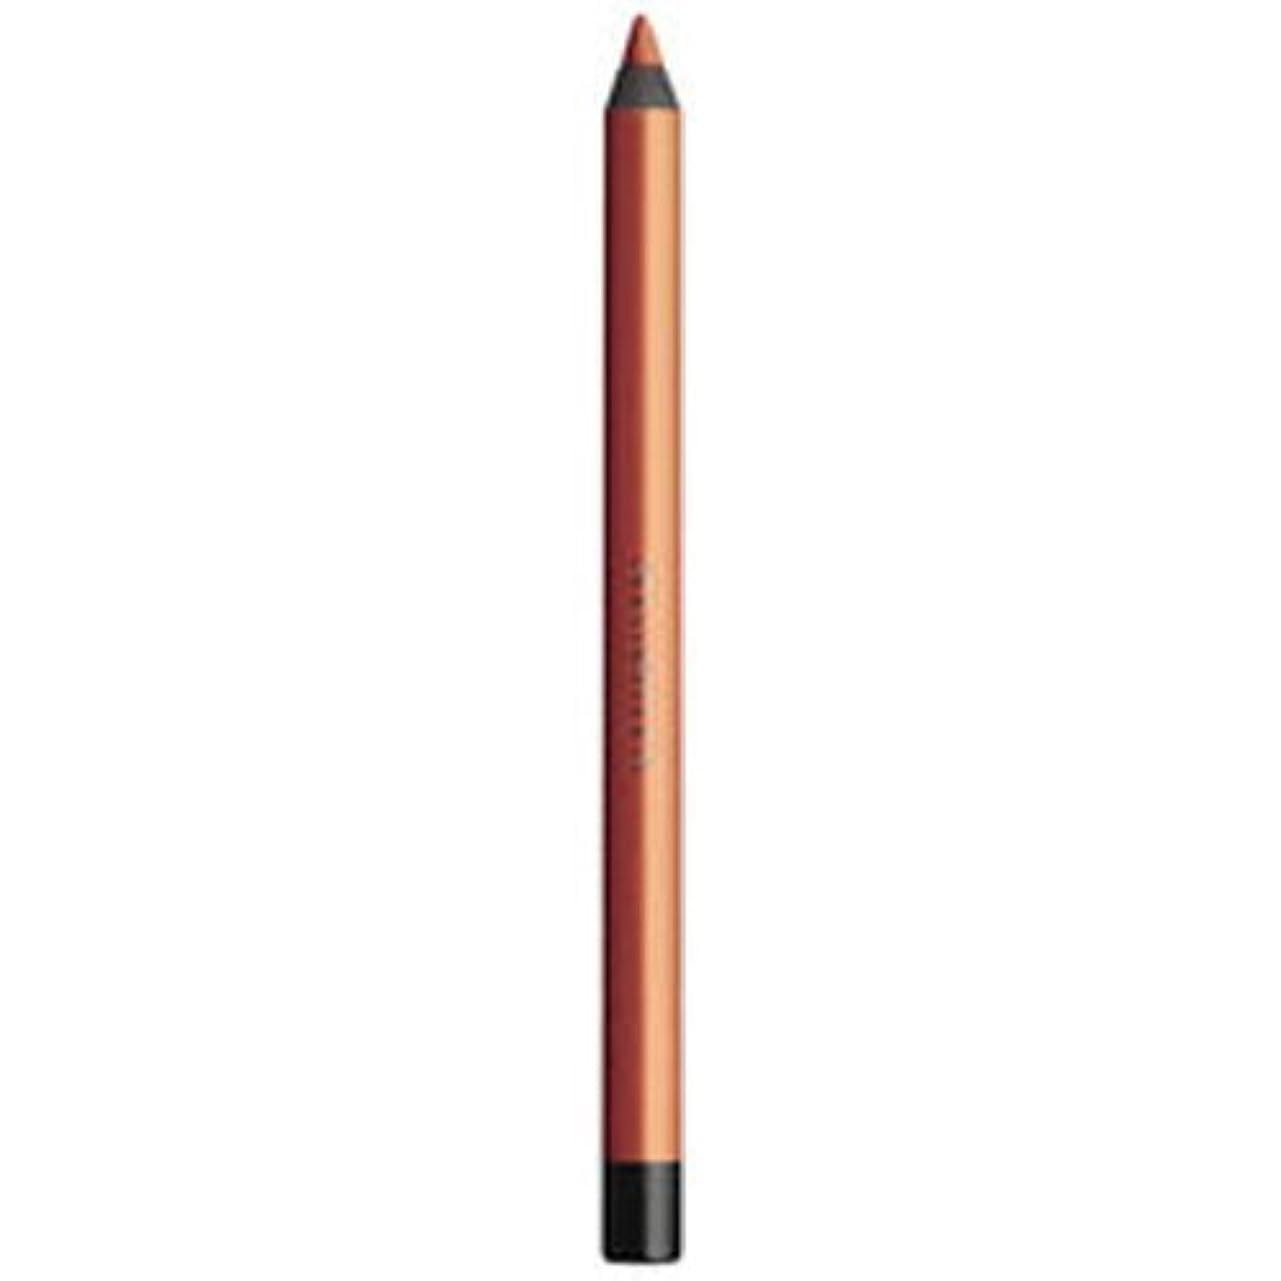 魔術師南アメリカヒューズドローイング ペンシル P ライト オレンジ 21